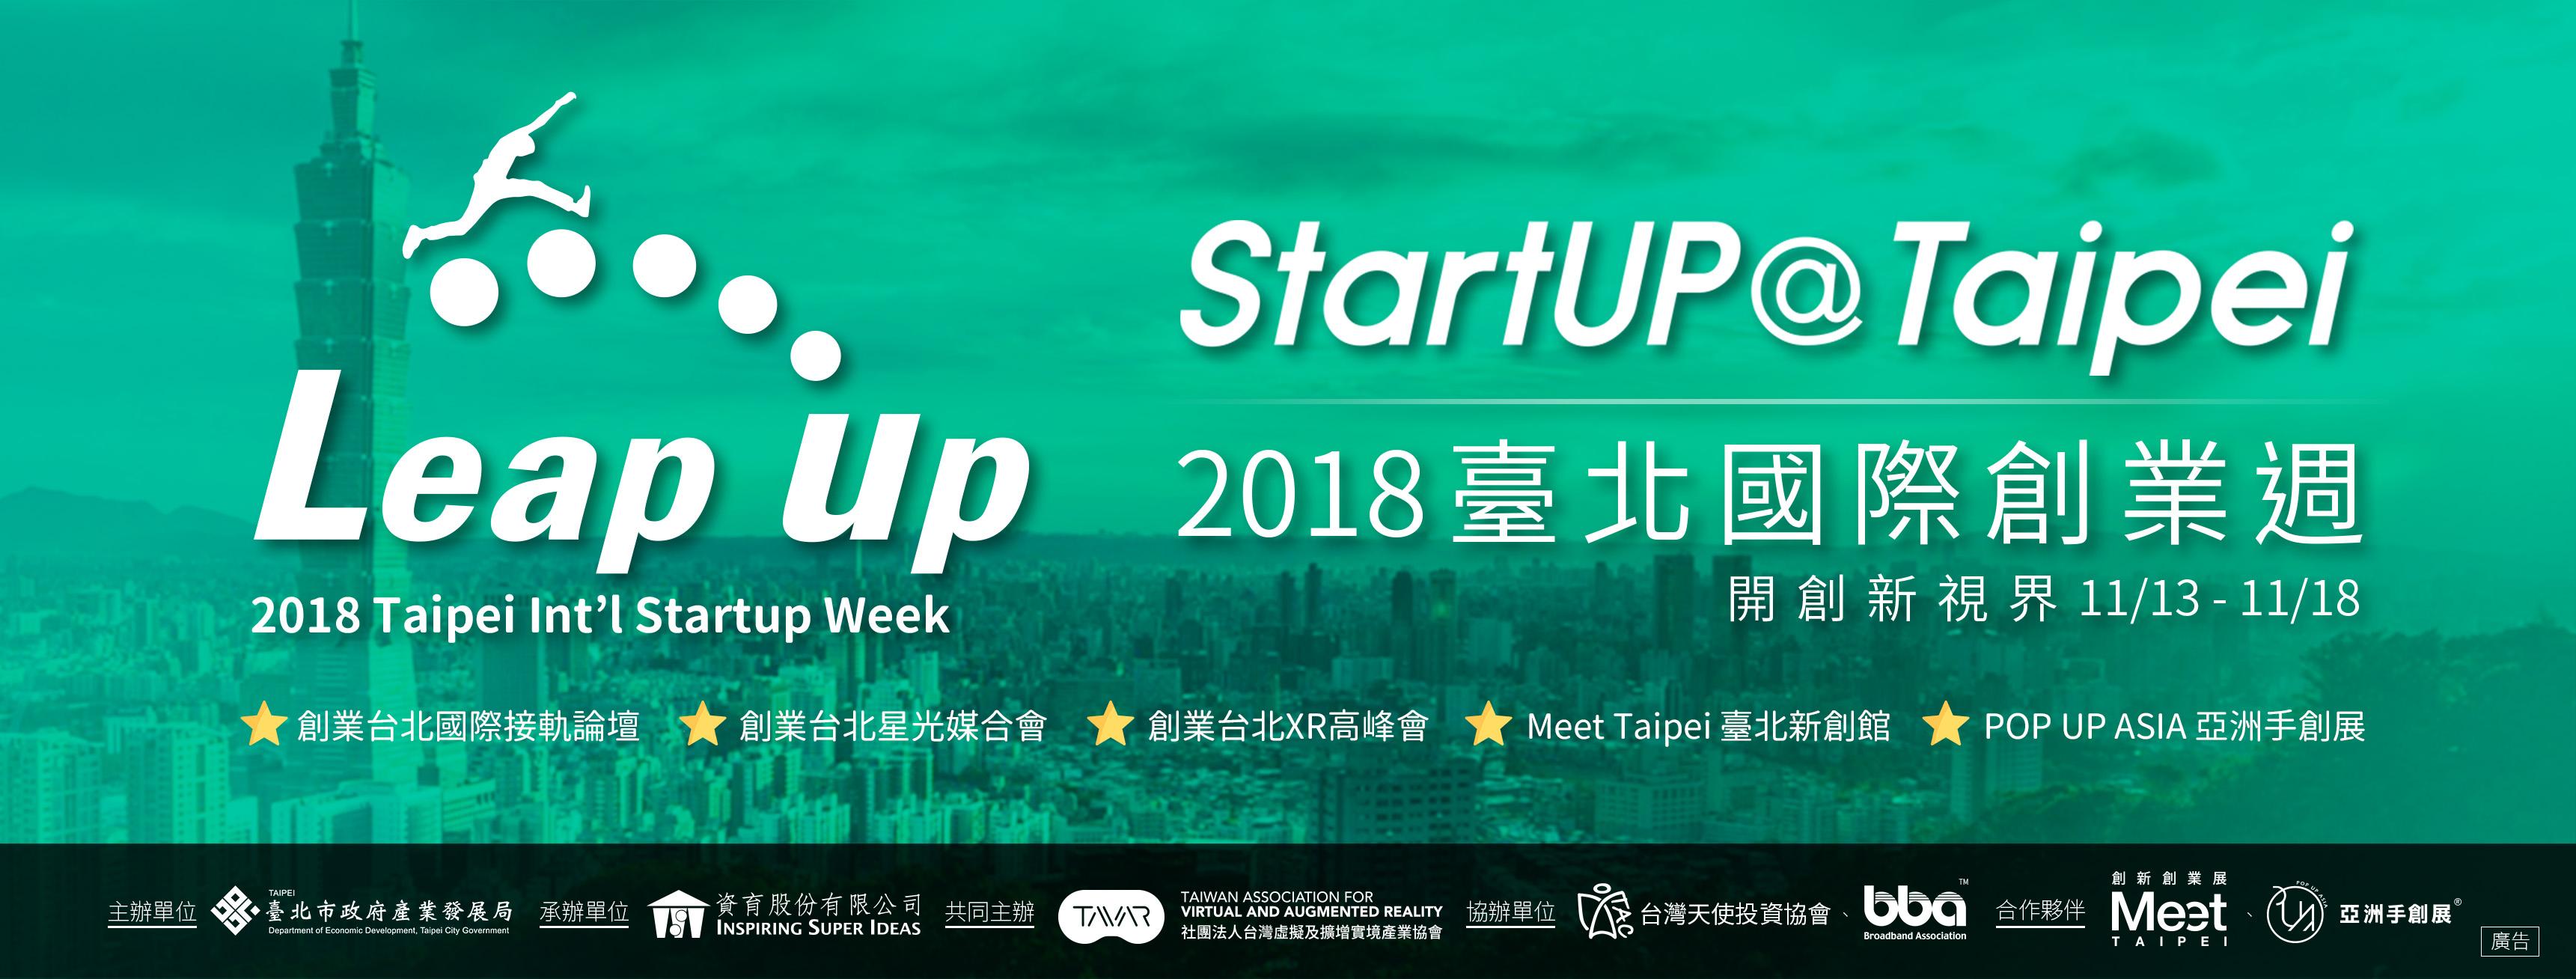 2018 Taipei Int'l Startup Week 11/13-11/18Image